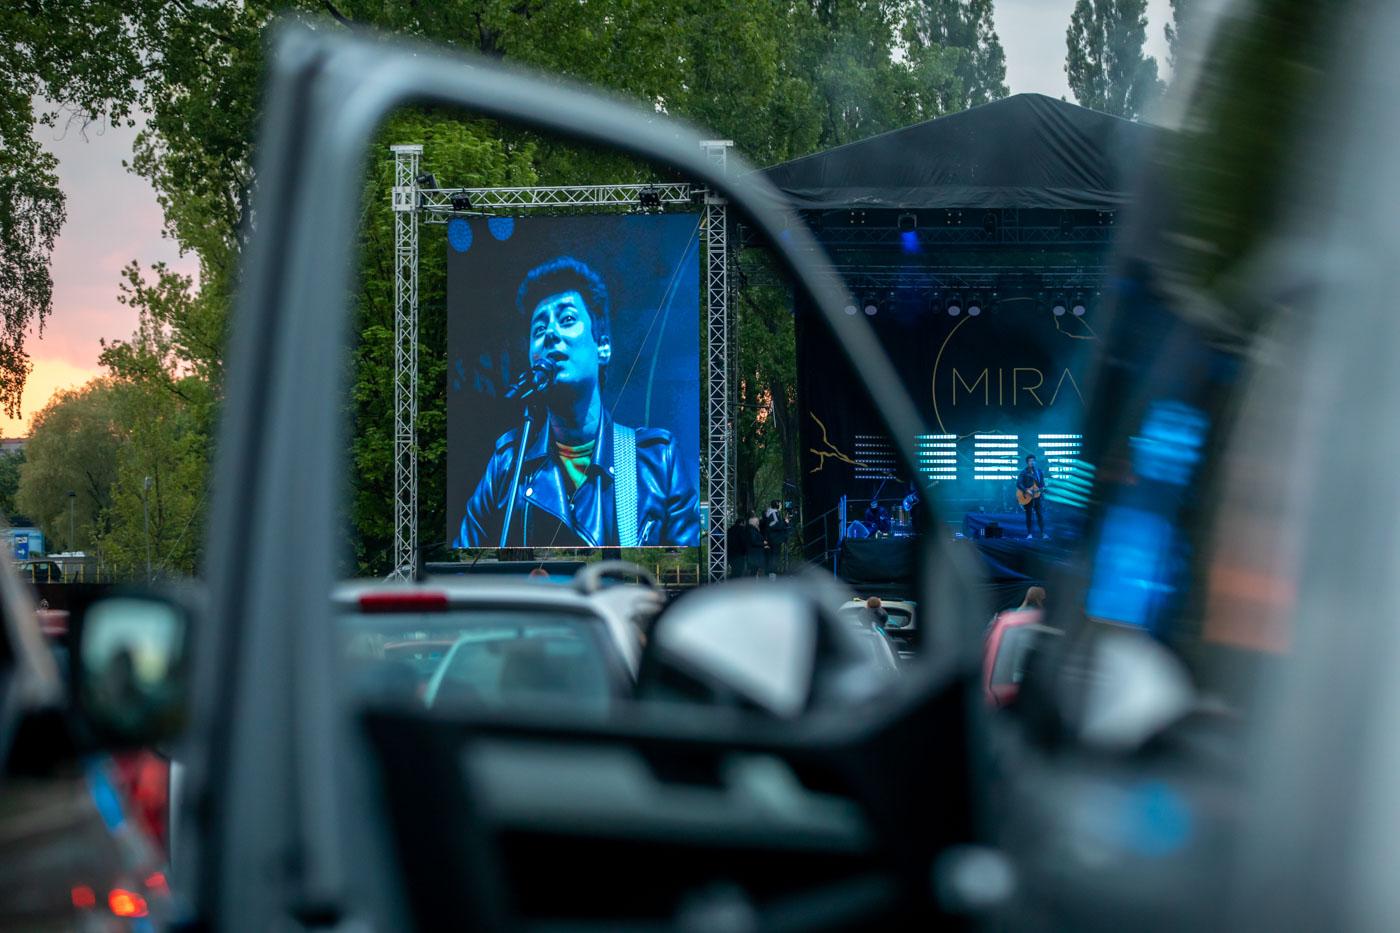 Kapela Mirai uskutečnila po uvolnění opatření v areálu ostravských Dolních Vítkovic odehrála koncert pro auta. Koncert byl zcela vyprodaný na který dorazilo 500 vozů. Fanoušci si zvuk naladili přes rádiové vlny ve svém autorádiu. Foto: © Petr Sznapka/ČTK